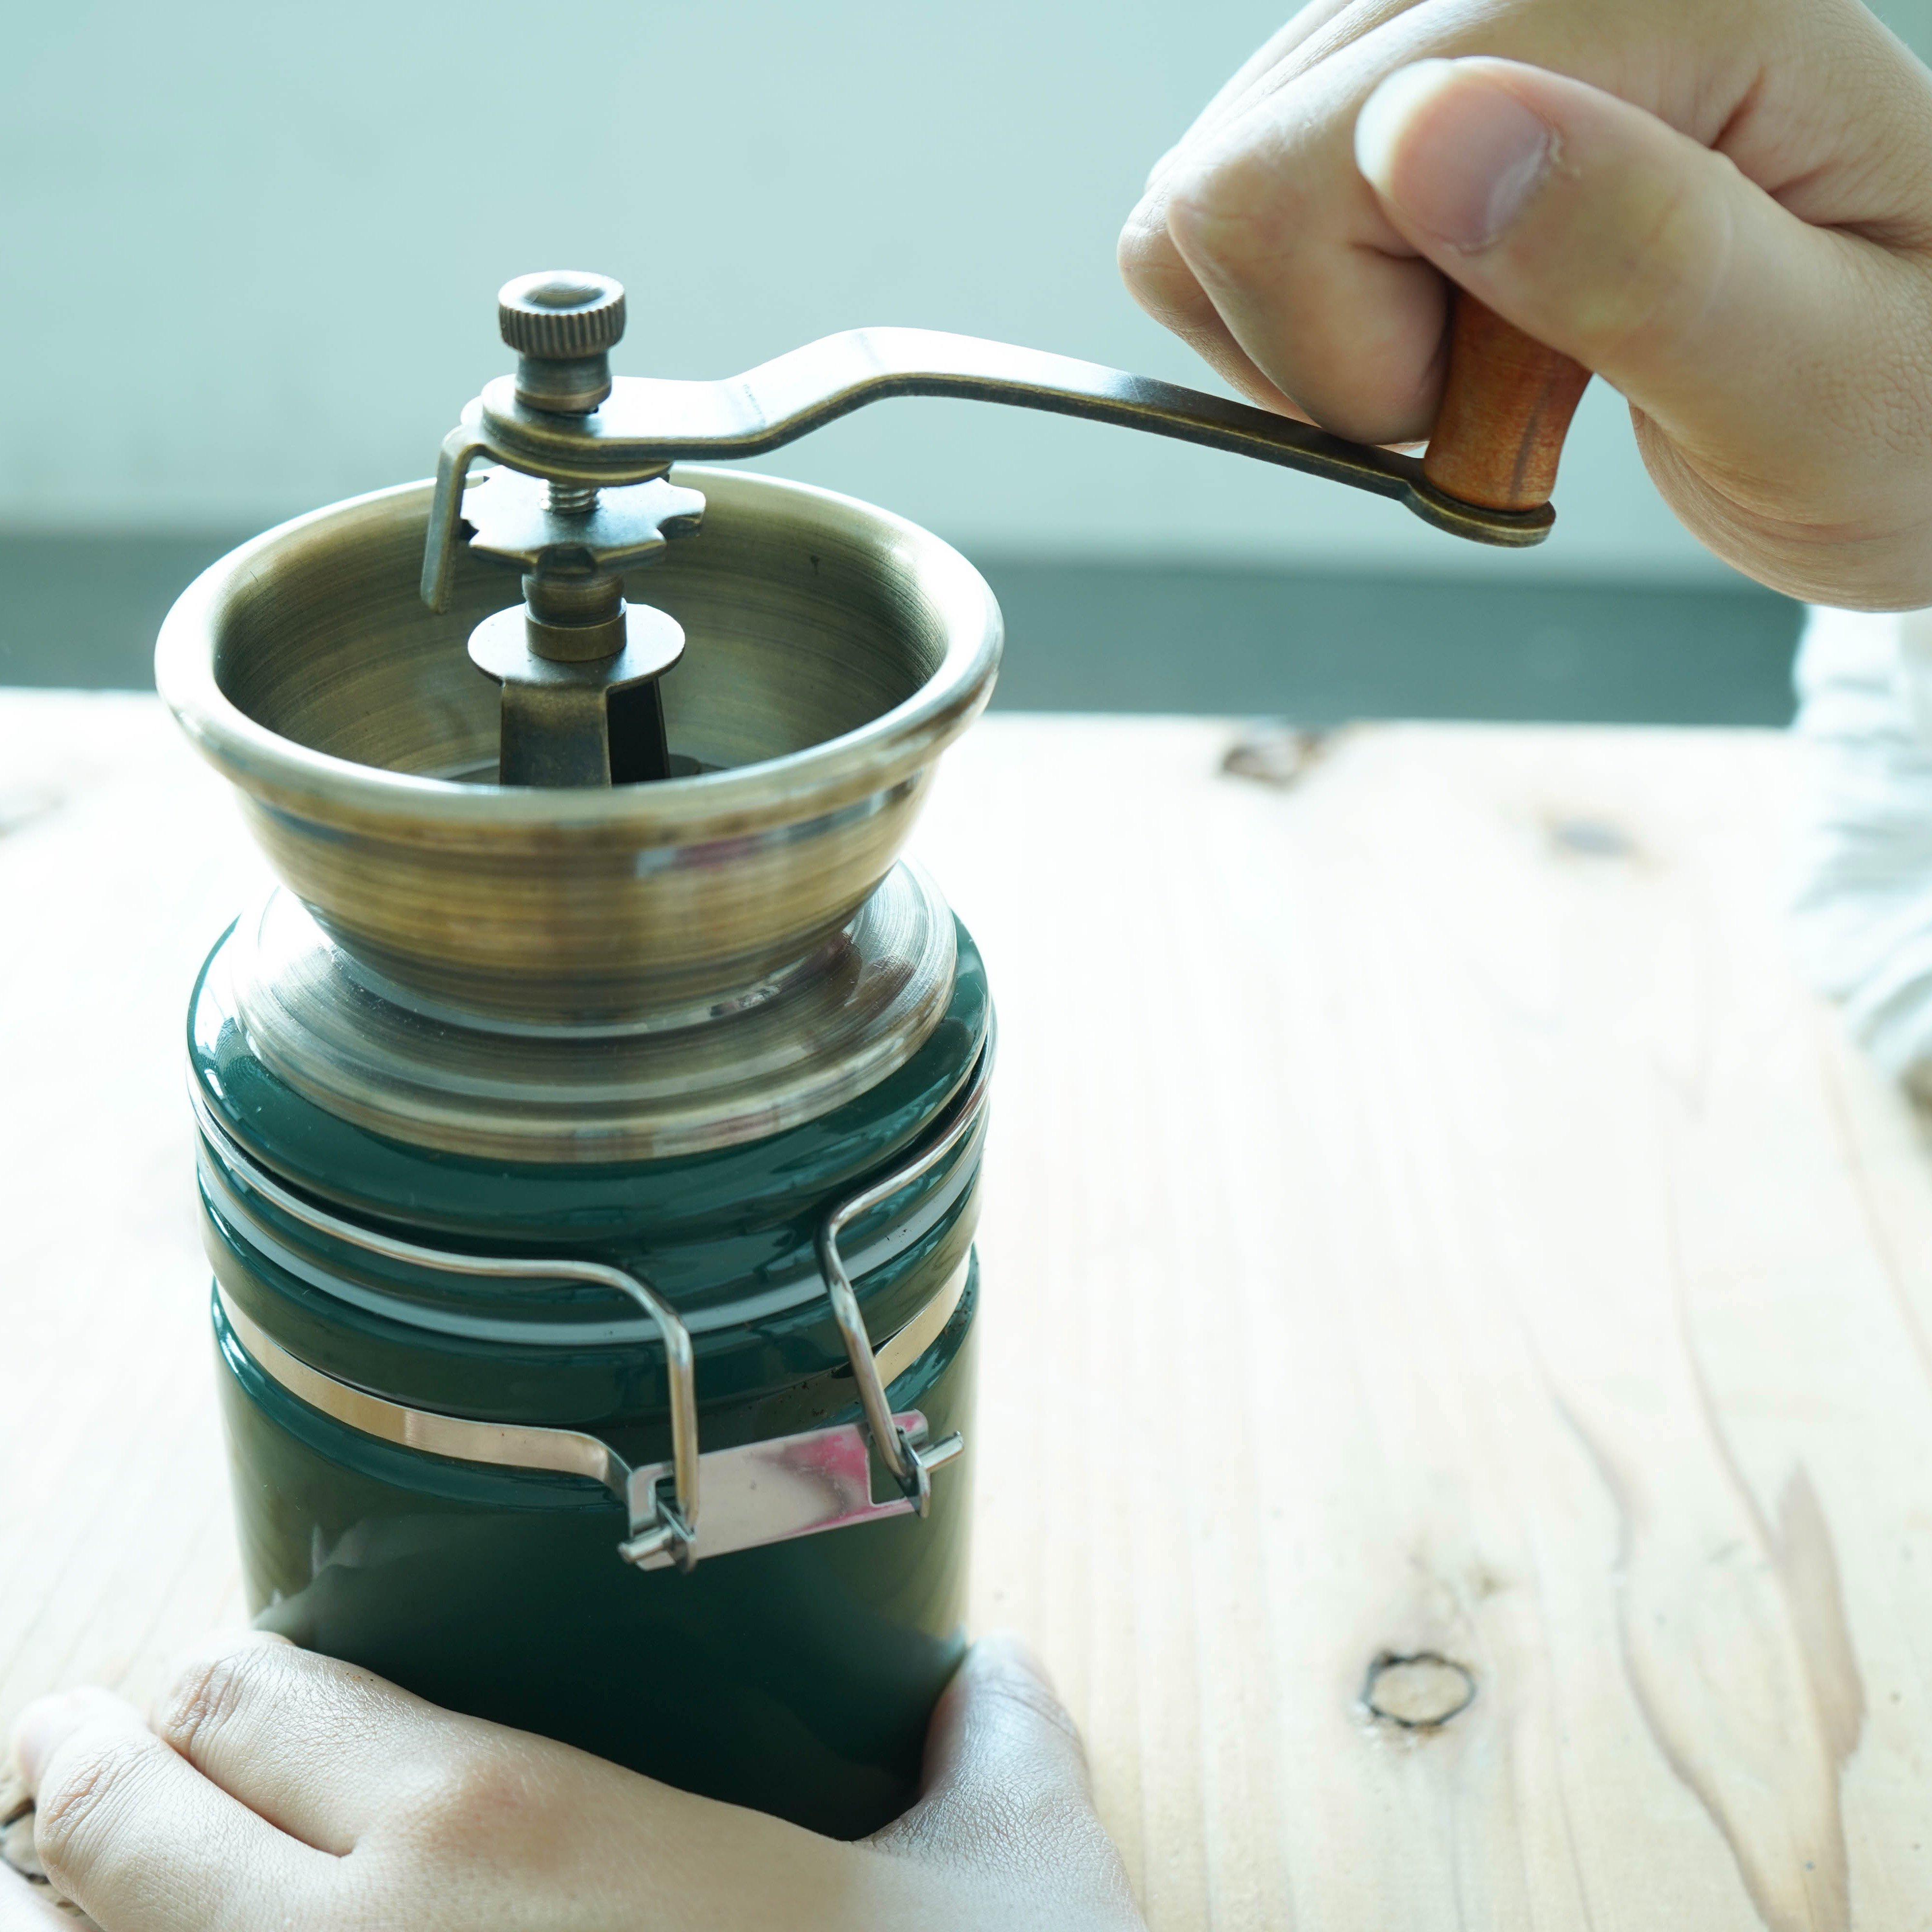 ヴィンテージデザインで おしゃれな手挽きのコーヒーミル     グラインダーは臼式で、均一に粉にできます。さらに、お手入れが簡単なセラミック素材です。  細挽き、粗挽き調整は無段階調整で可能。  ロック式の受け容器なので、しっかりロックして豆を挽くことができます。挽いている間に豆がこぼれたりすることもなく、また挽きたての香りを逃さず美味しいコーヒーを味わうことができます。  引き目の調整やお手入れも非常に簡単です。(説明書付き)     挽いたあとはワンタッチ金具を外して粉を取り出せます。    引き目も金具の締め方で浅煎り~深煎りまで自由に調整できます。    【スタッフからの一言】 豆は香りのカプセル。やはり挽きたてのコーヒーは本当に香りまで美味しいです。 ガリガリと手で挽くひと手間が、手挽きミルの醍醐味。 味わいのあるミルをぜひ使い込んでみてください。    【商品について】 サイズ(mm) :H22cm × W15.5cm × D8cm 容量      :コーヒー豆100g(満杯時受け容器) 本体      :アイアン、ニッケルメッキ  受け容器    :ストーンウェア、シリコン グラインダー  :セラミック ハンドル    :アイアン、バーチウッド